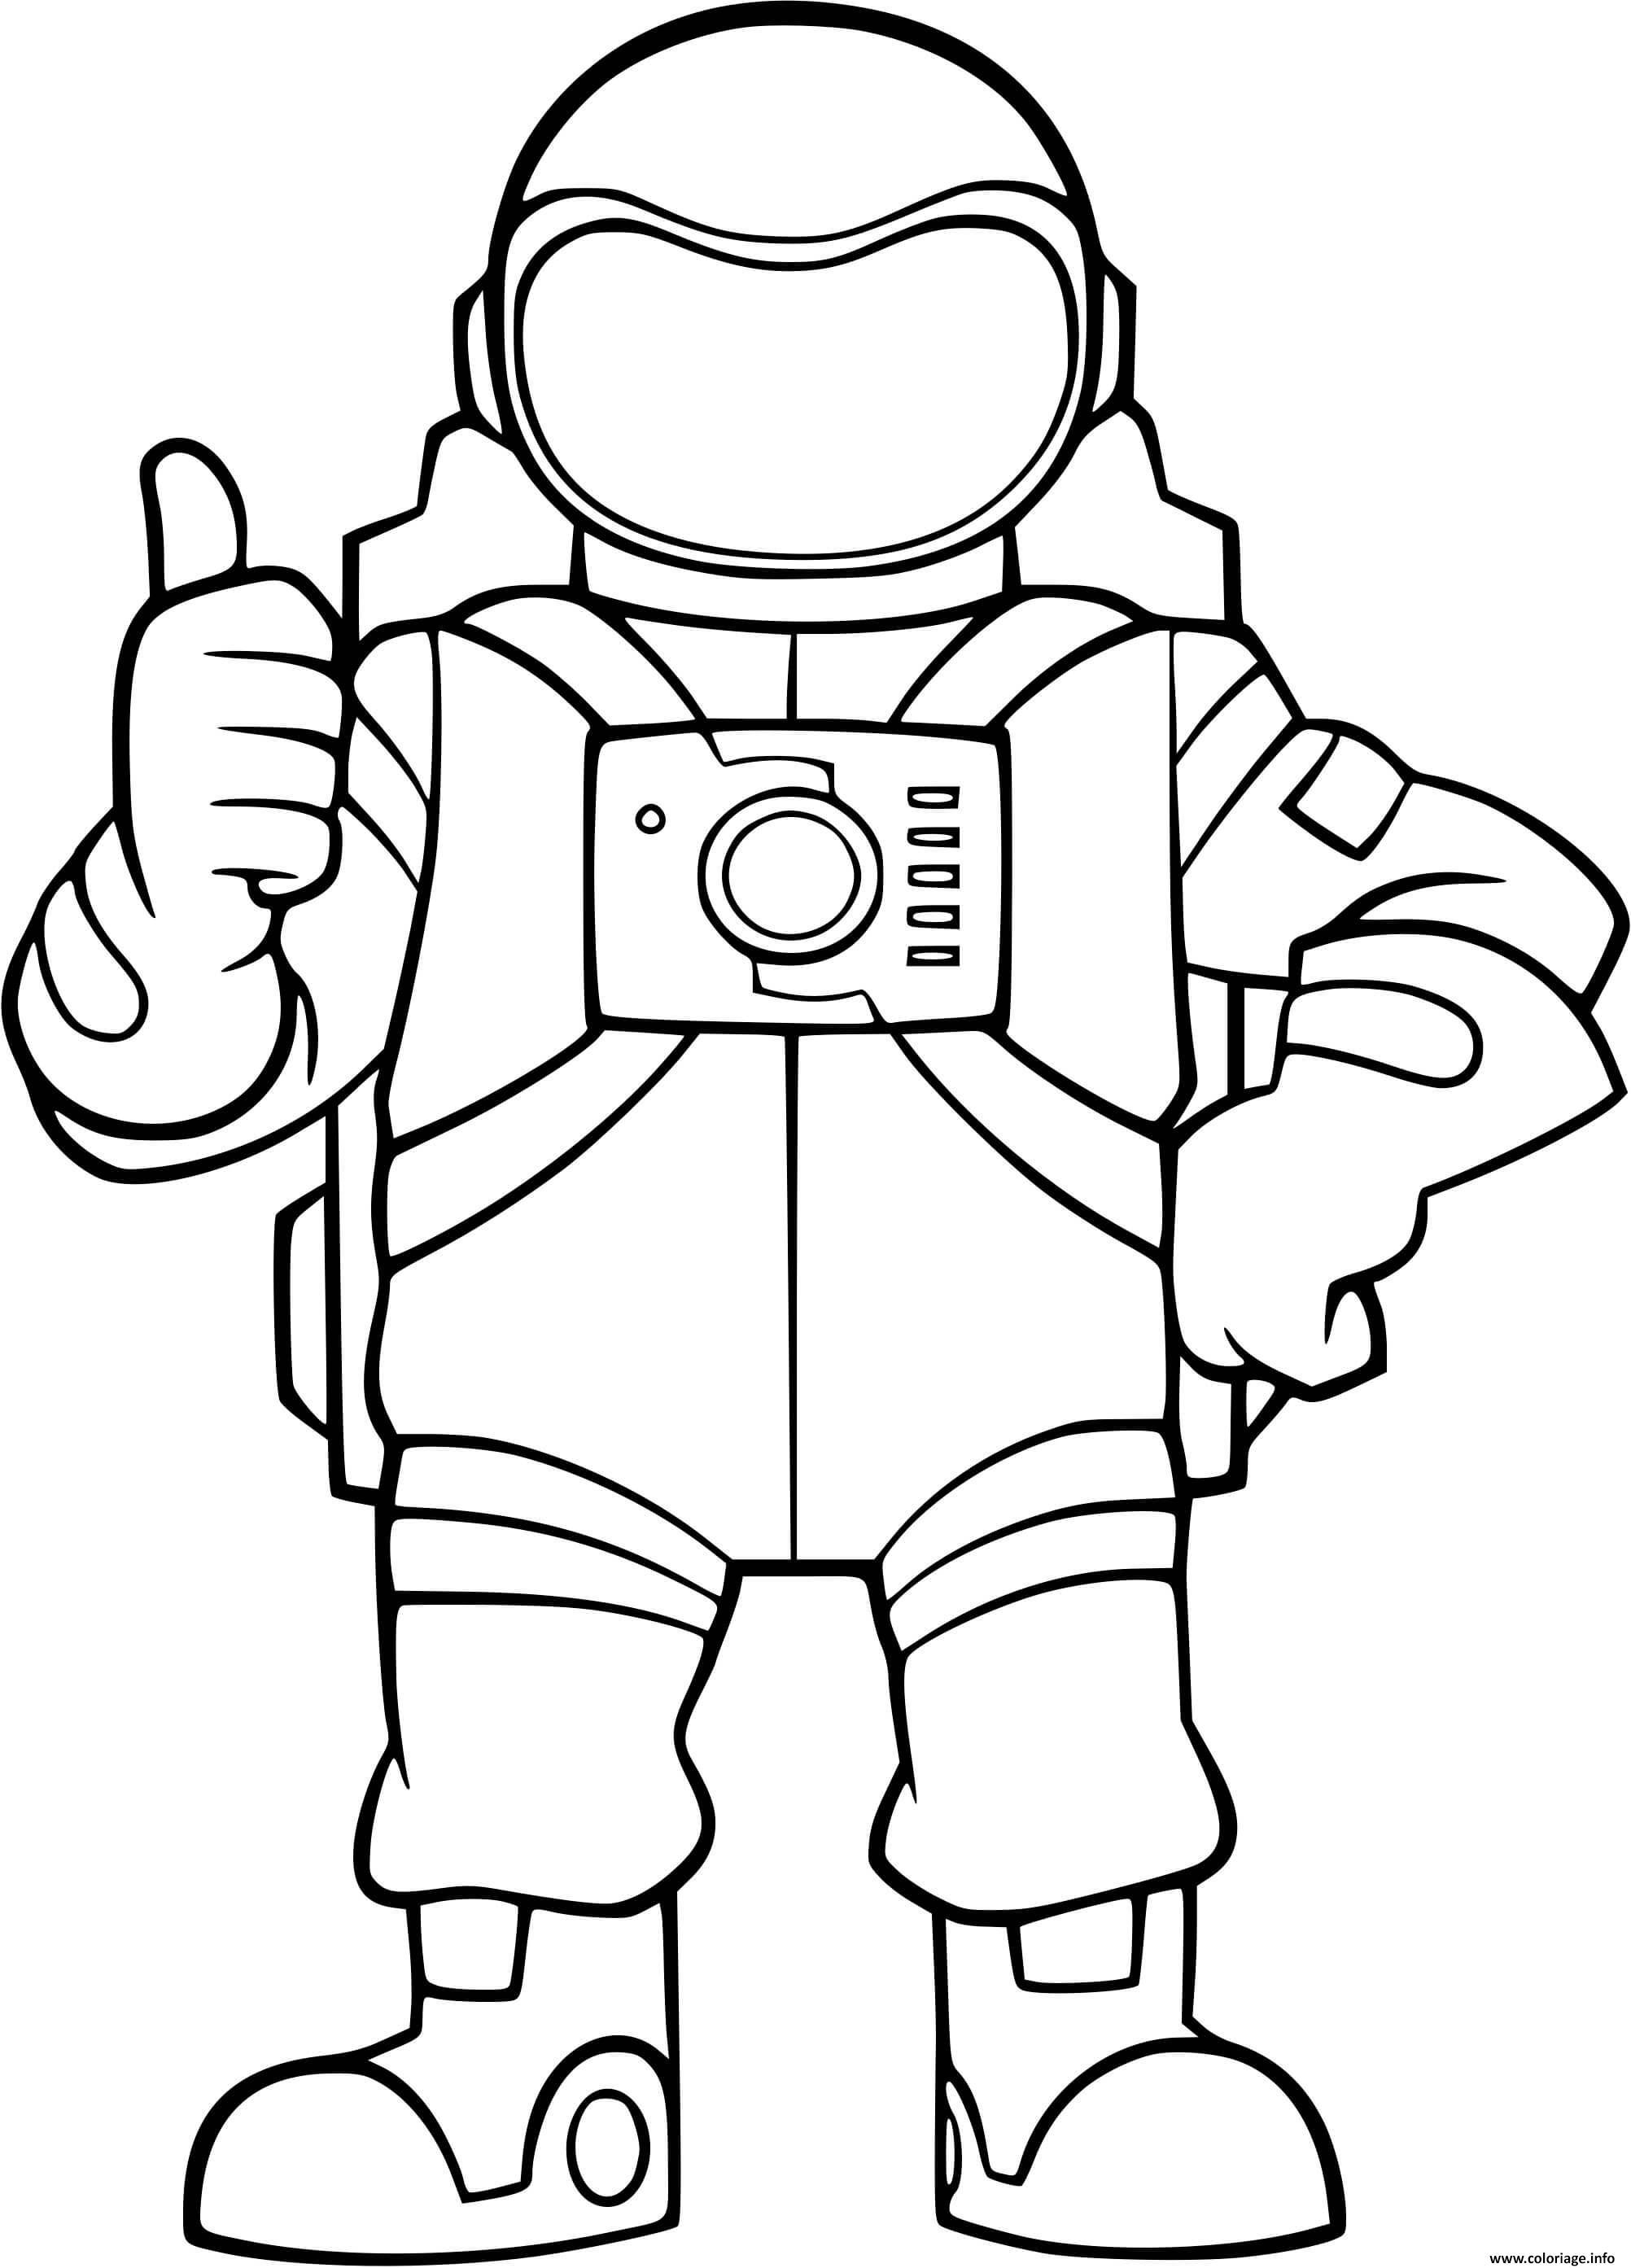 Dessin astronaute dans lespace Coloriage Gratuit à Imprimer